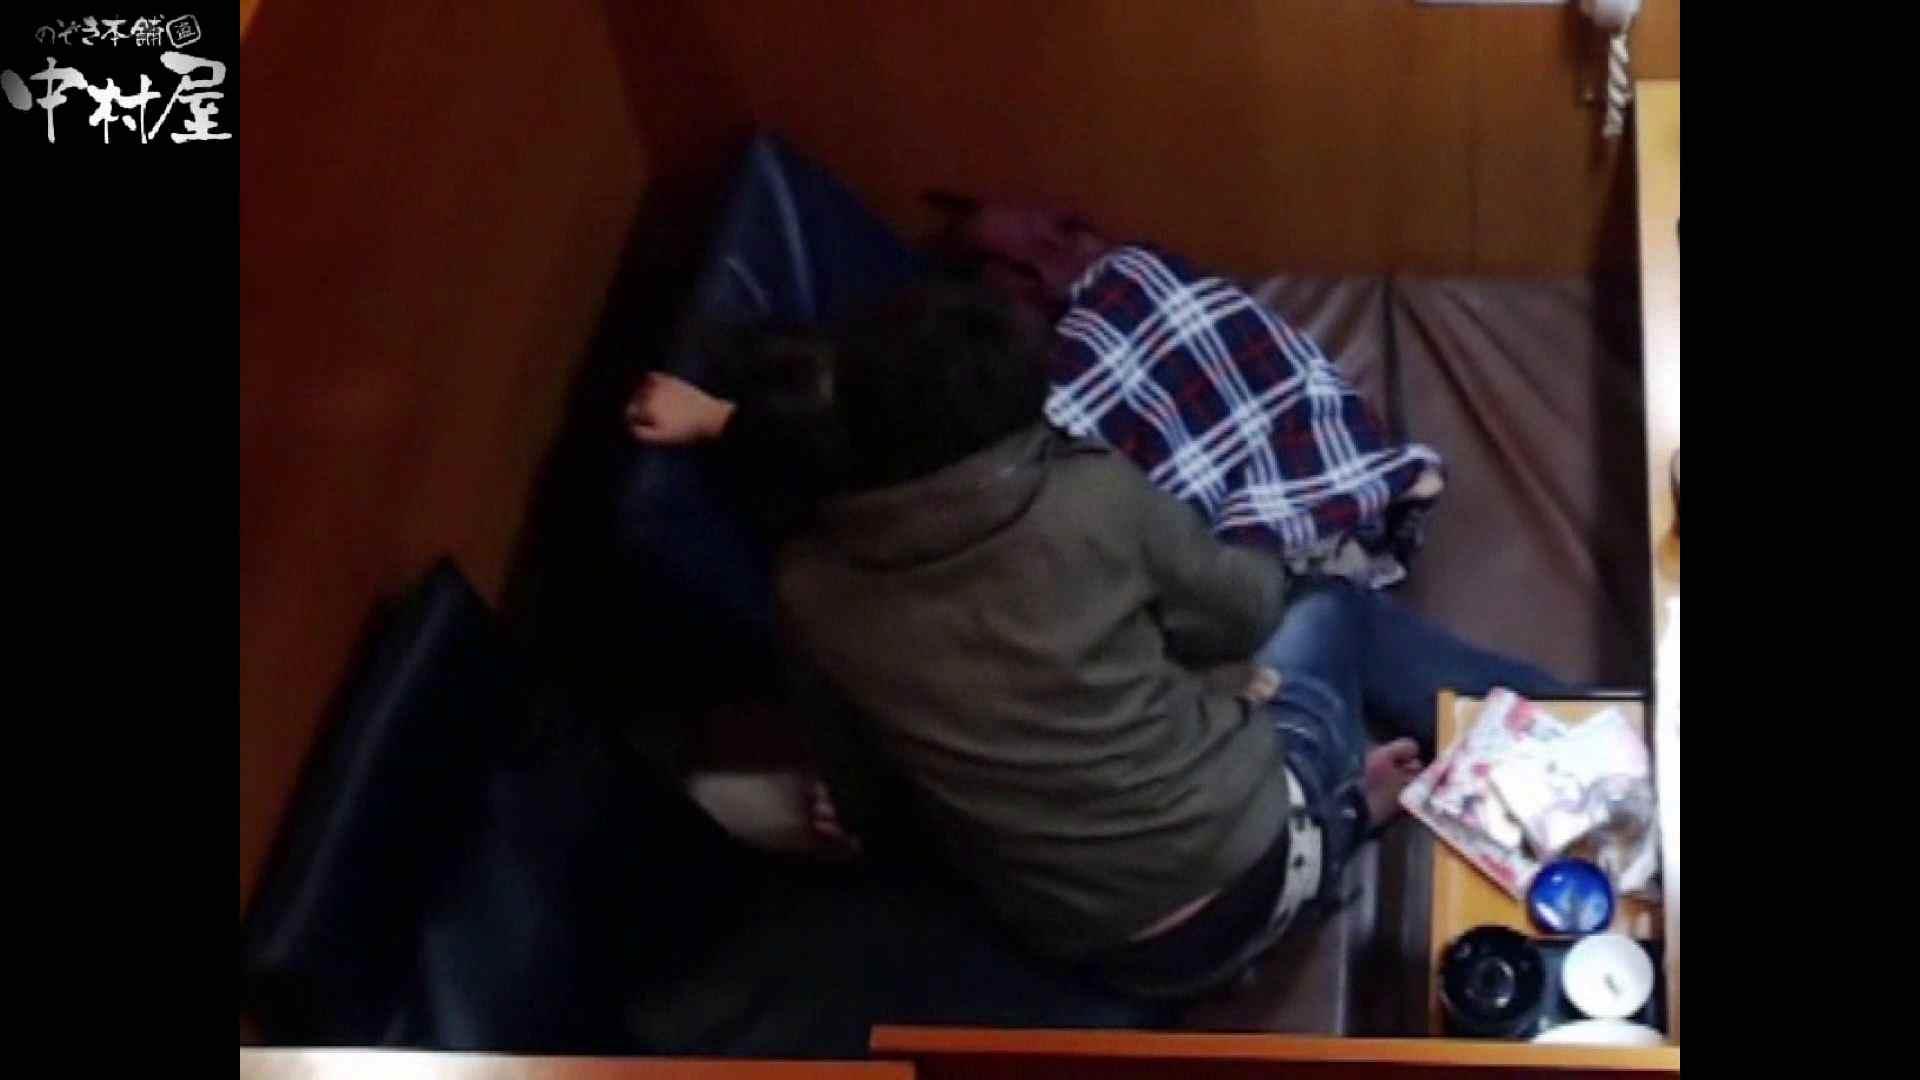 ネットカフェ盗撮師トロントさんの 素人カップル盗撮記vol.4 喘ぎ ぱこり動画紹介 101PIX 44